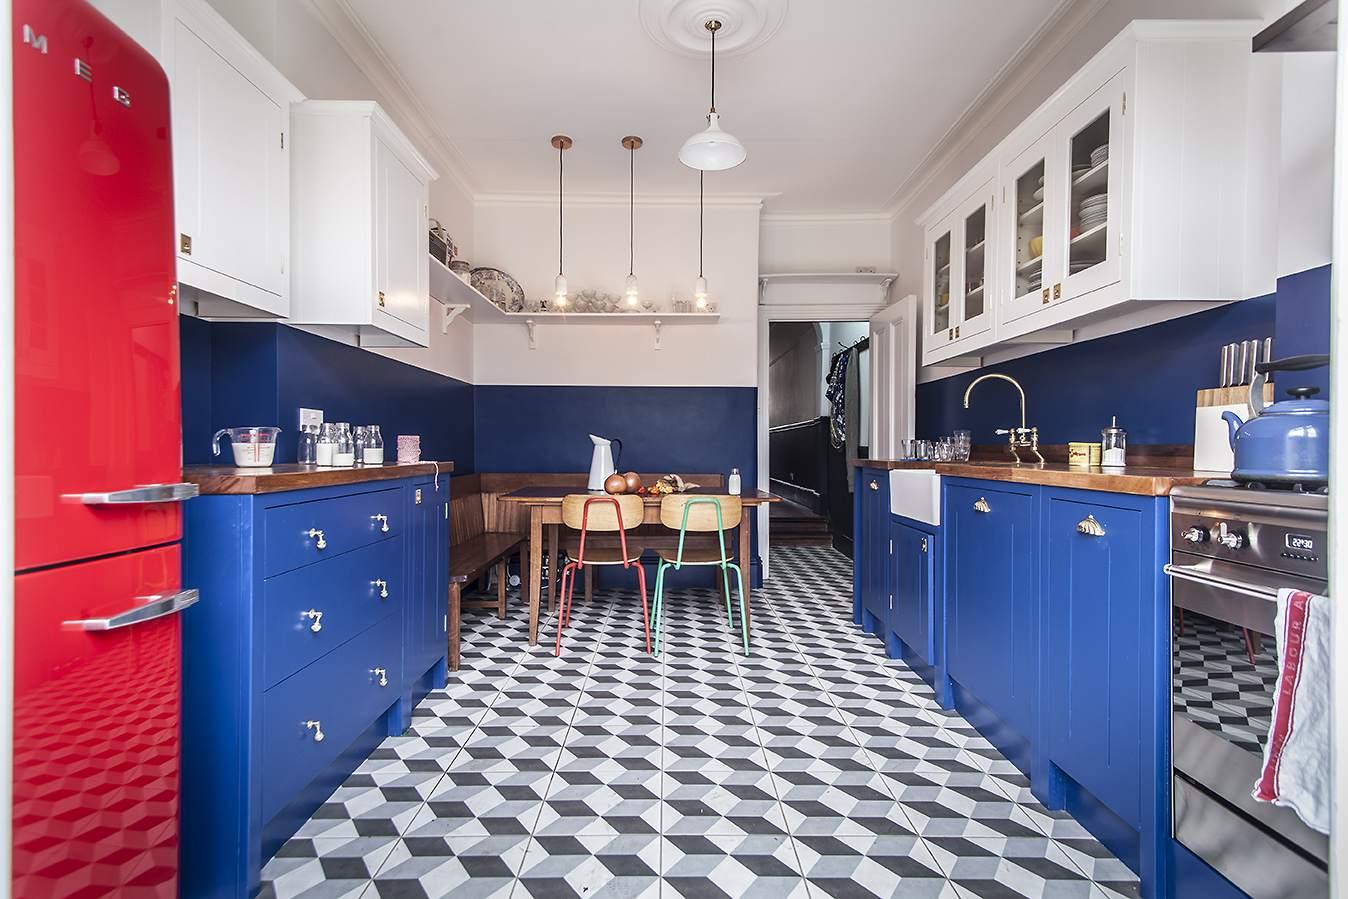 10-idee-foto-cucina-stile-anni-80-16